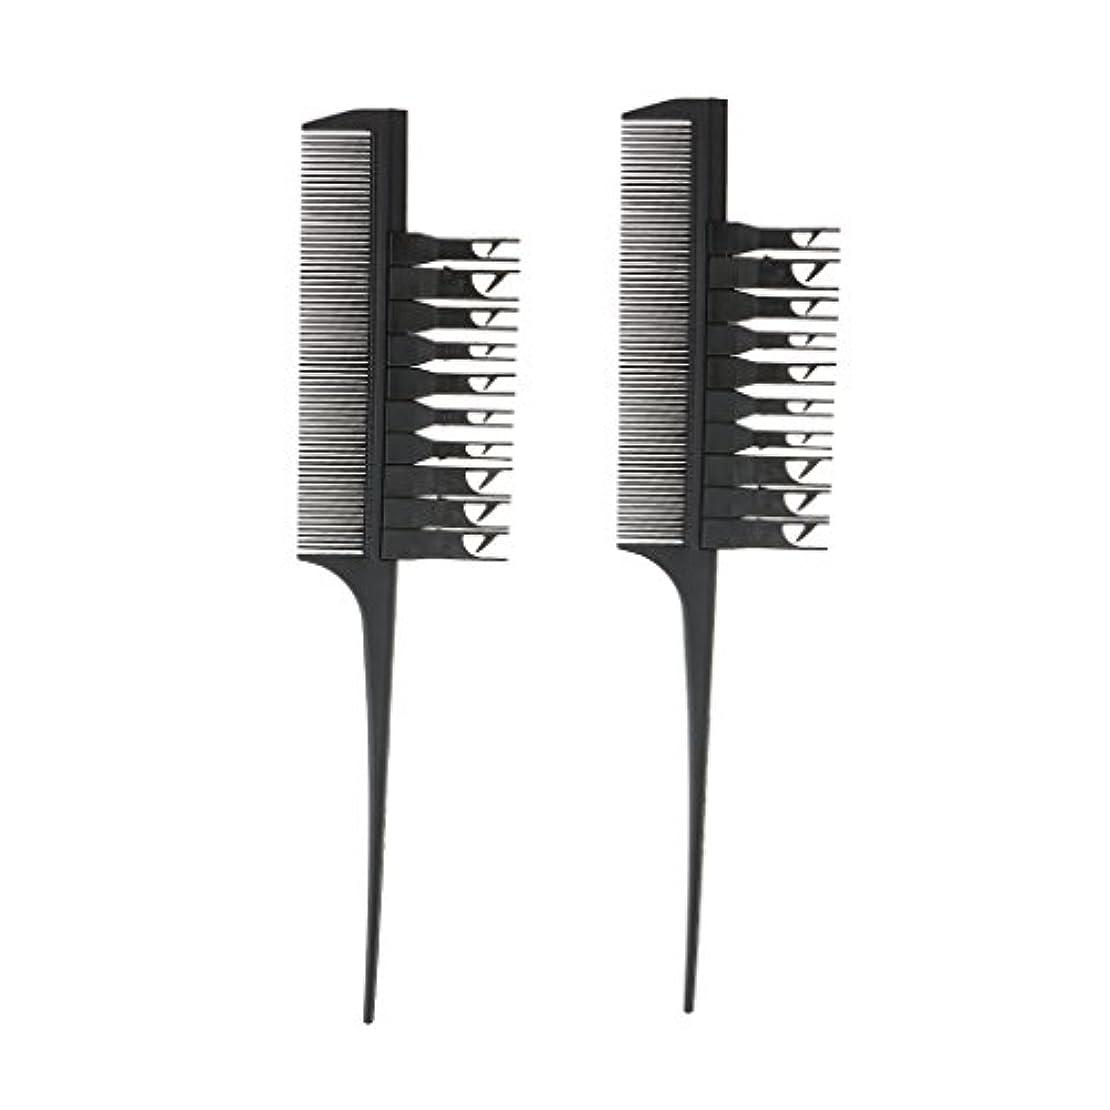 の配列とげのある眉をひそめるSharplace ヘアダイブラシ ヘアカラーリング コーム 櫛 使い簡単 2個入り (ブラック)